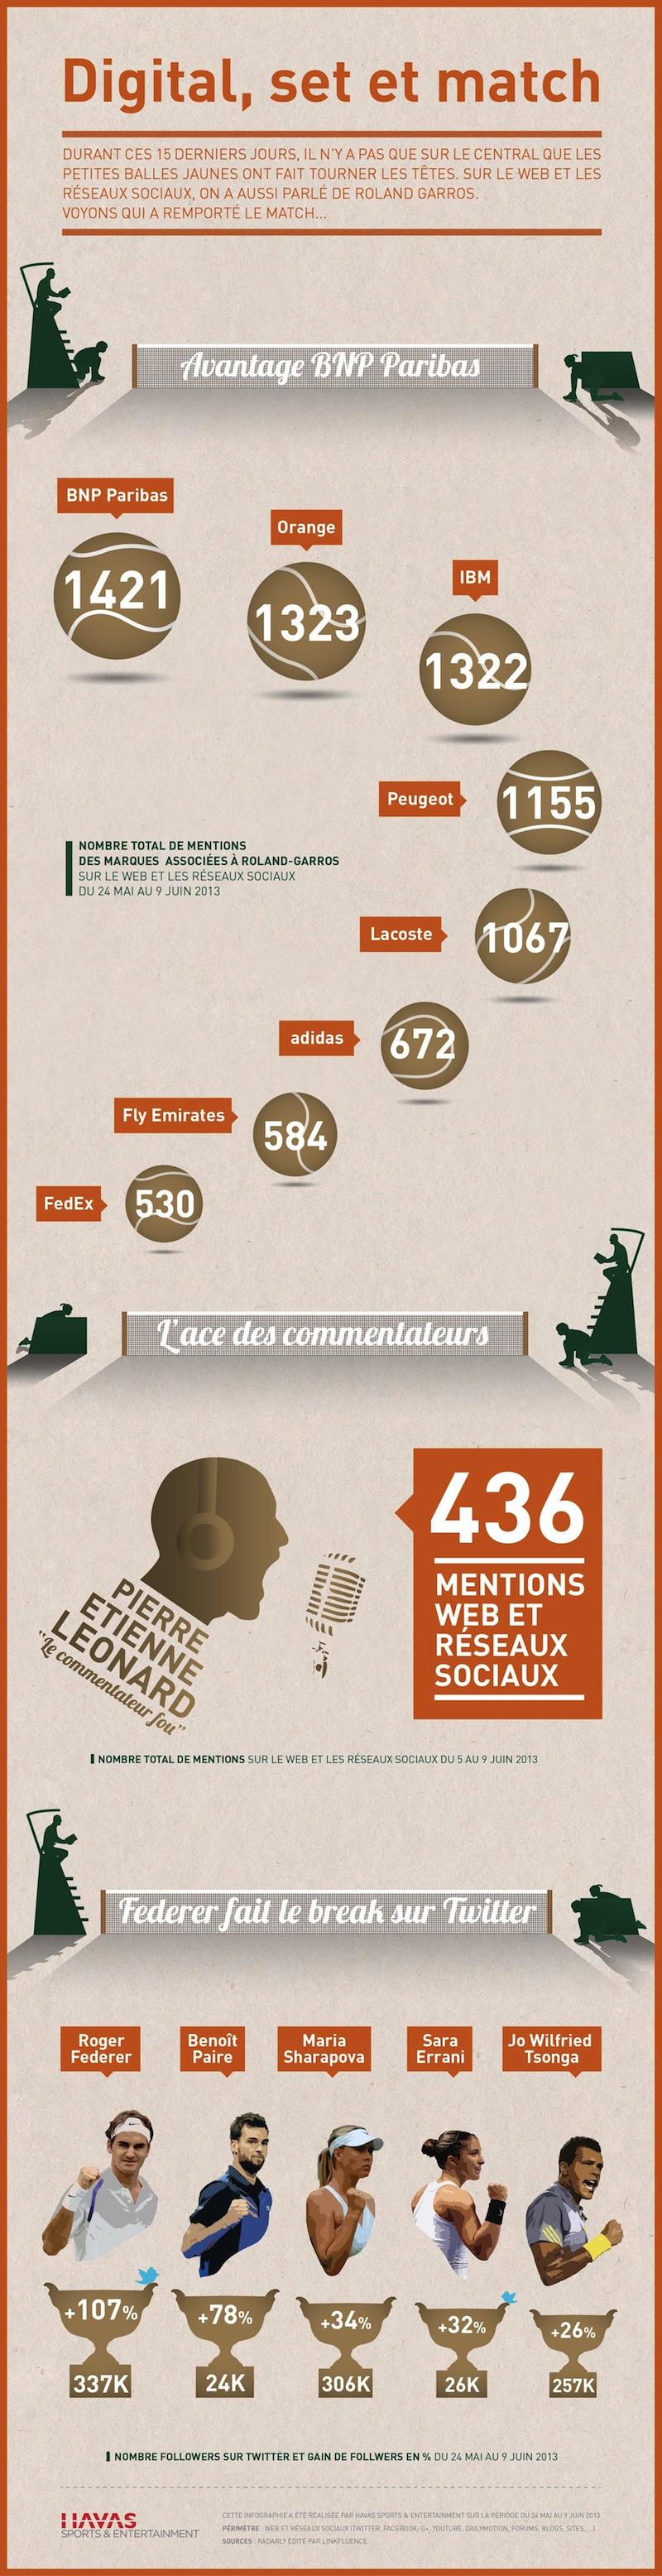 Roland Garros 2013 : le bilan sur les réseaux sociaux